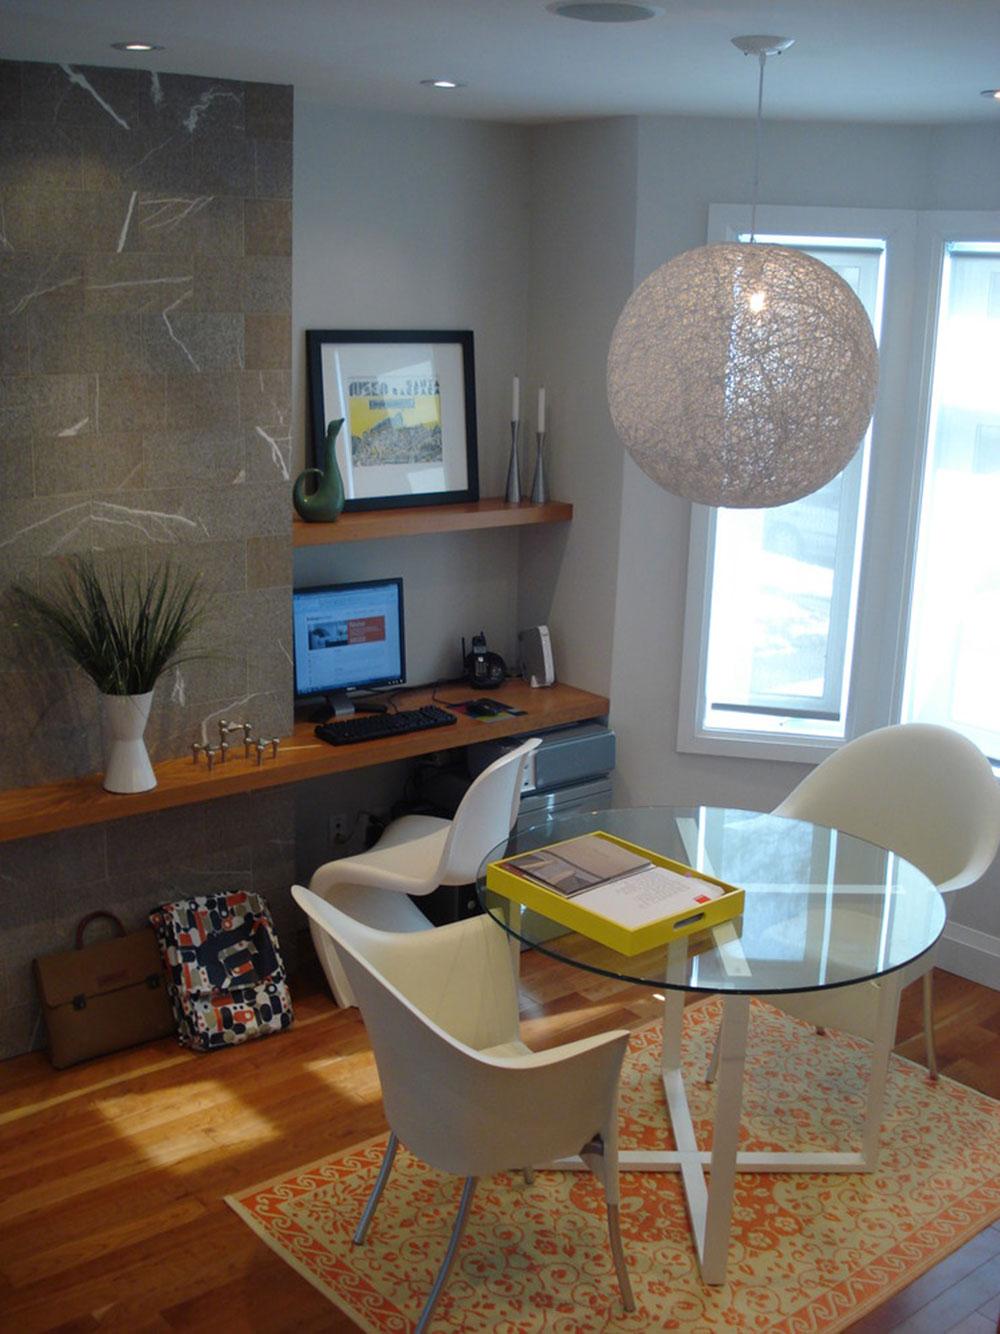 DIY-vägg-skrivbord-för-en-trevlig-jobb3 DIY vägg-skrivbord designidéer